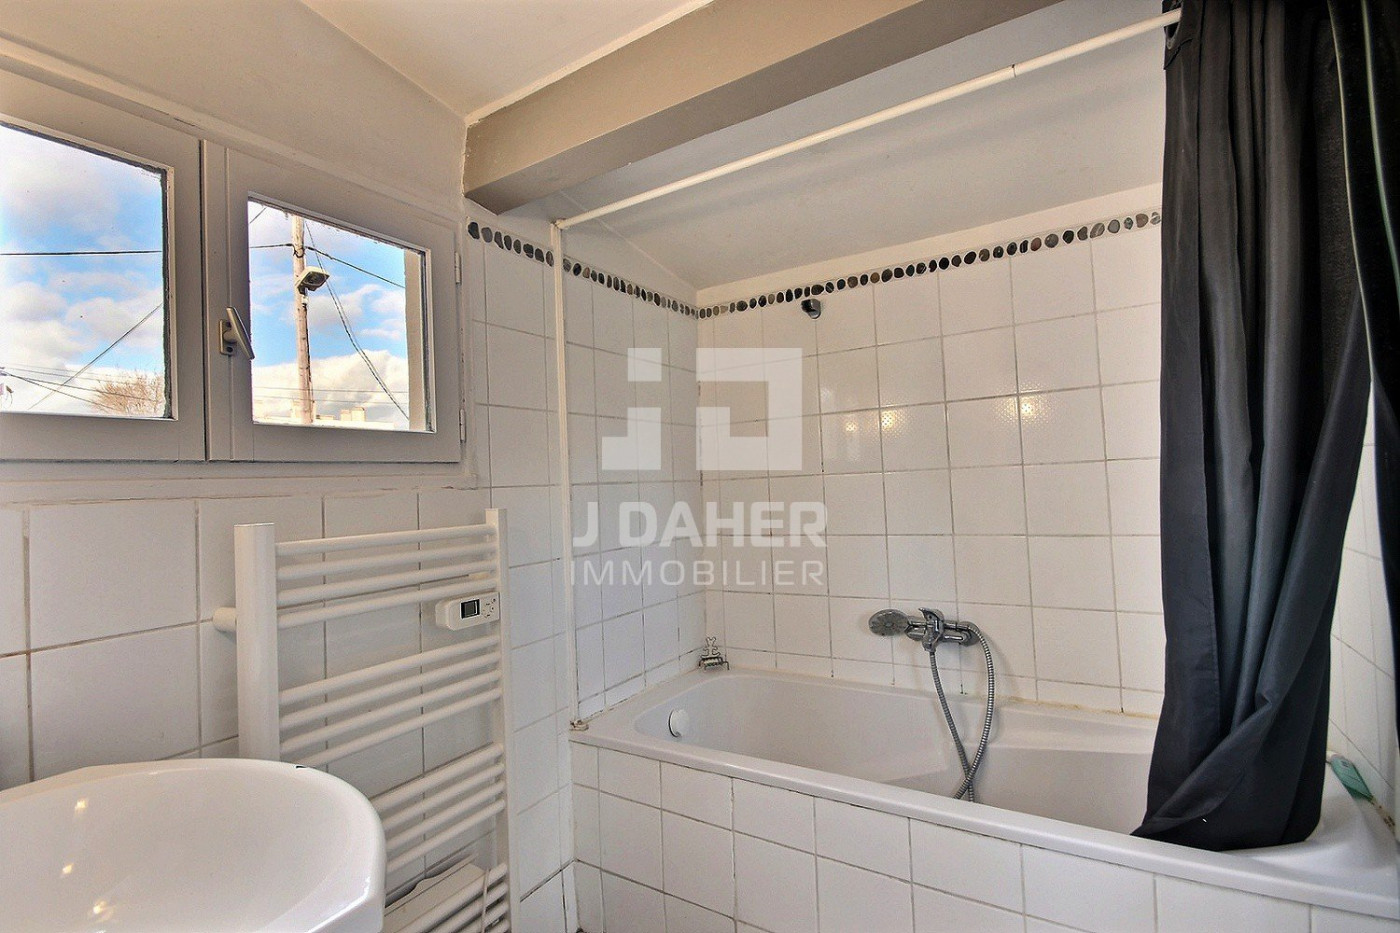 A vendre Marseille 8eme Arrondissement 13025896 J daher immobilier